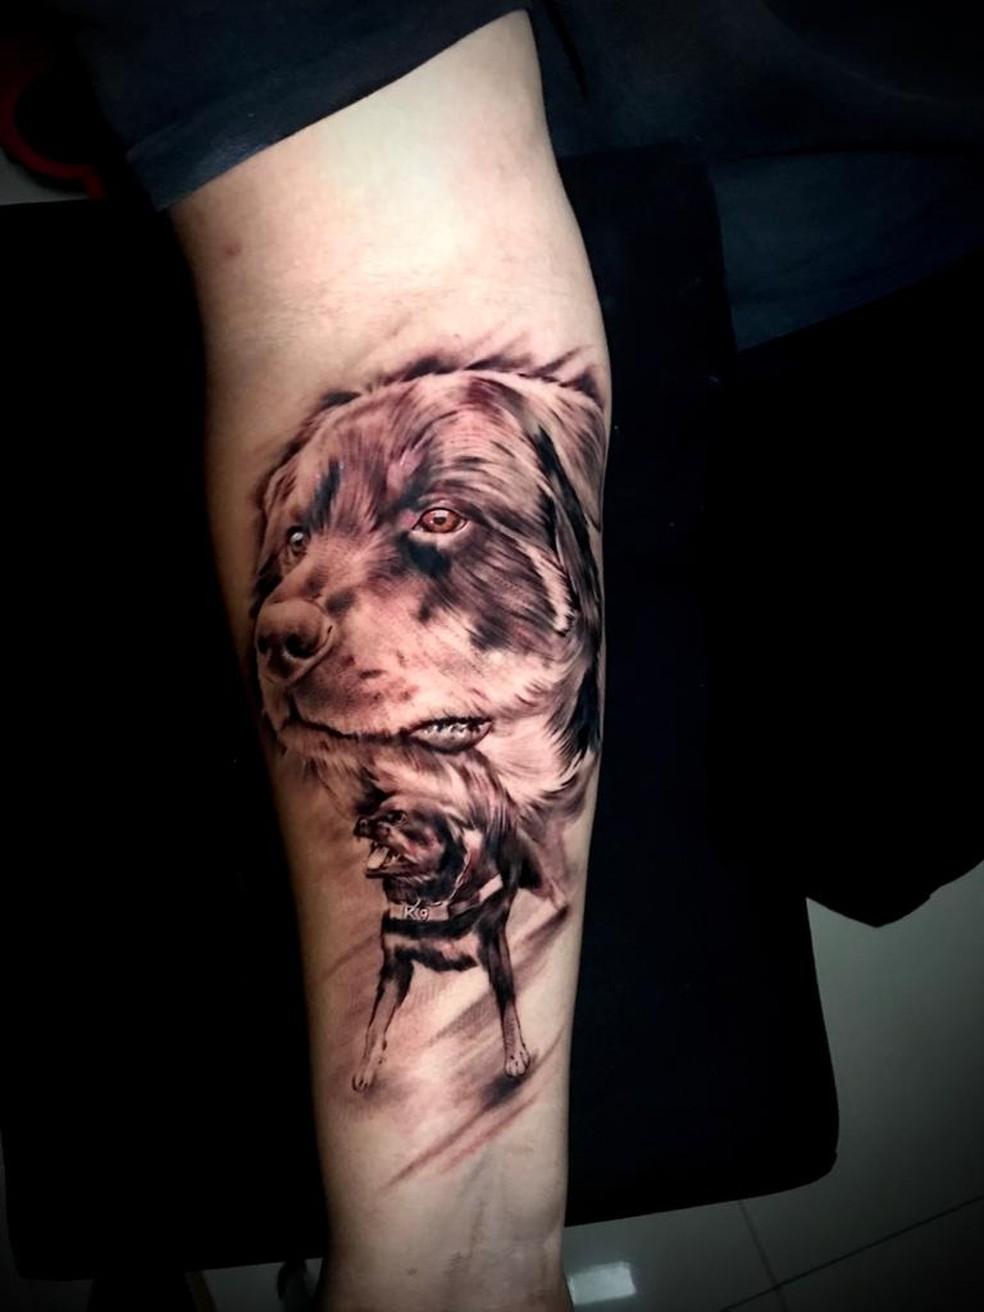 Hugo Haphonso Bosco tatuou o rosto do cão herói Thor — Foto: Divulgação/Prefeitura de São Vicente